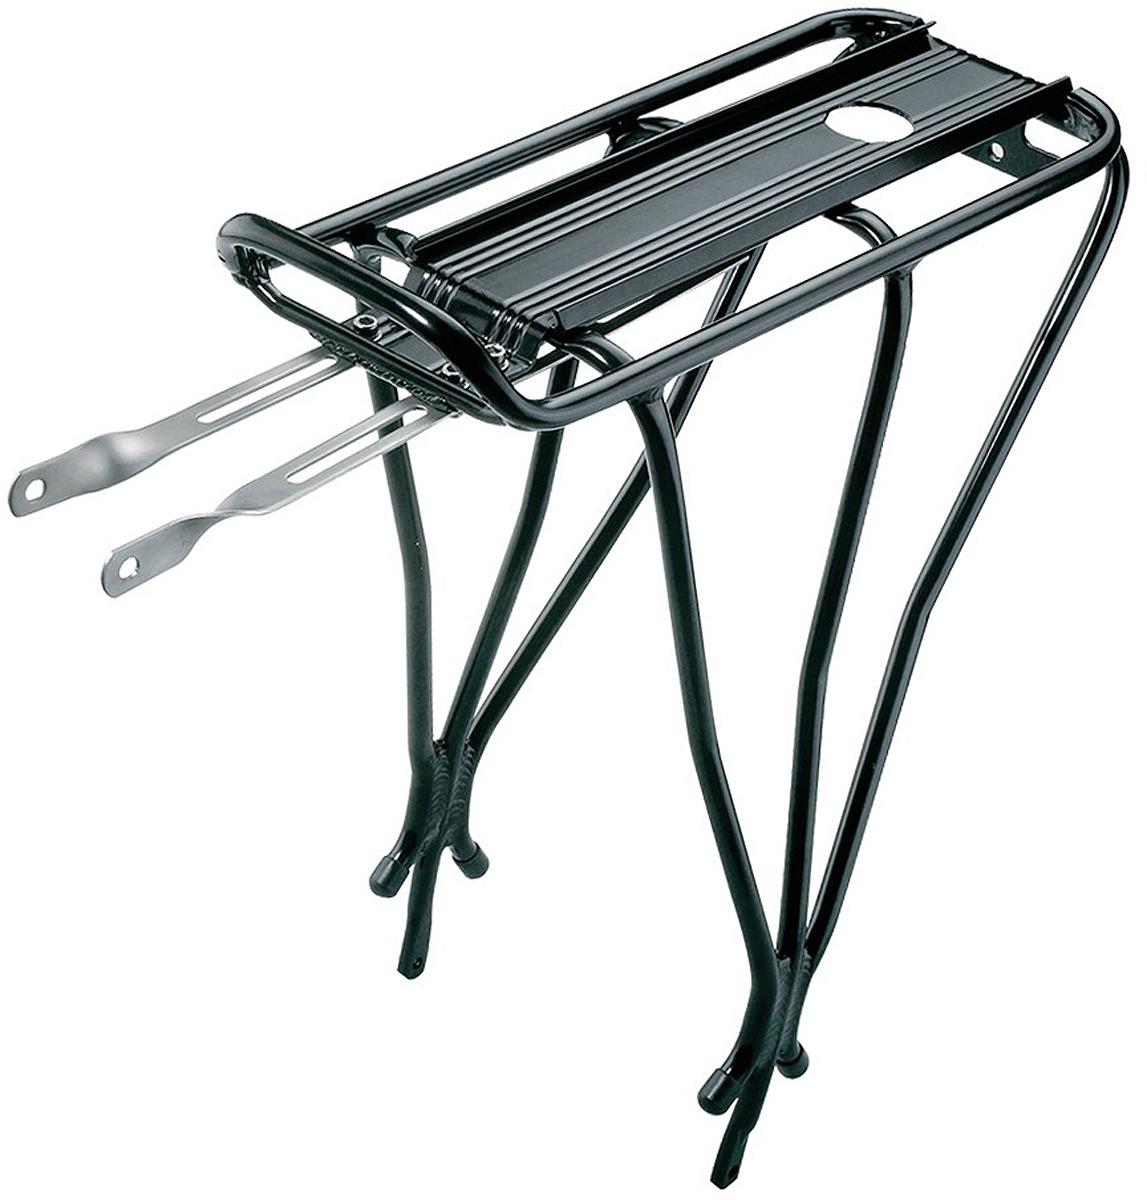 Багажник задний Topeak BabySeat Rack, для установки детского кресла, TCS2016, черный багажник mount by b 03ac black